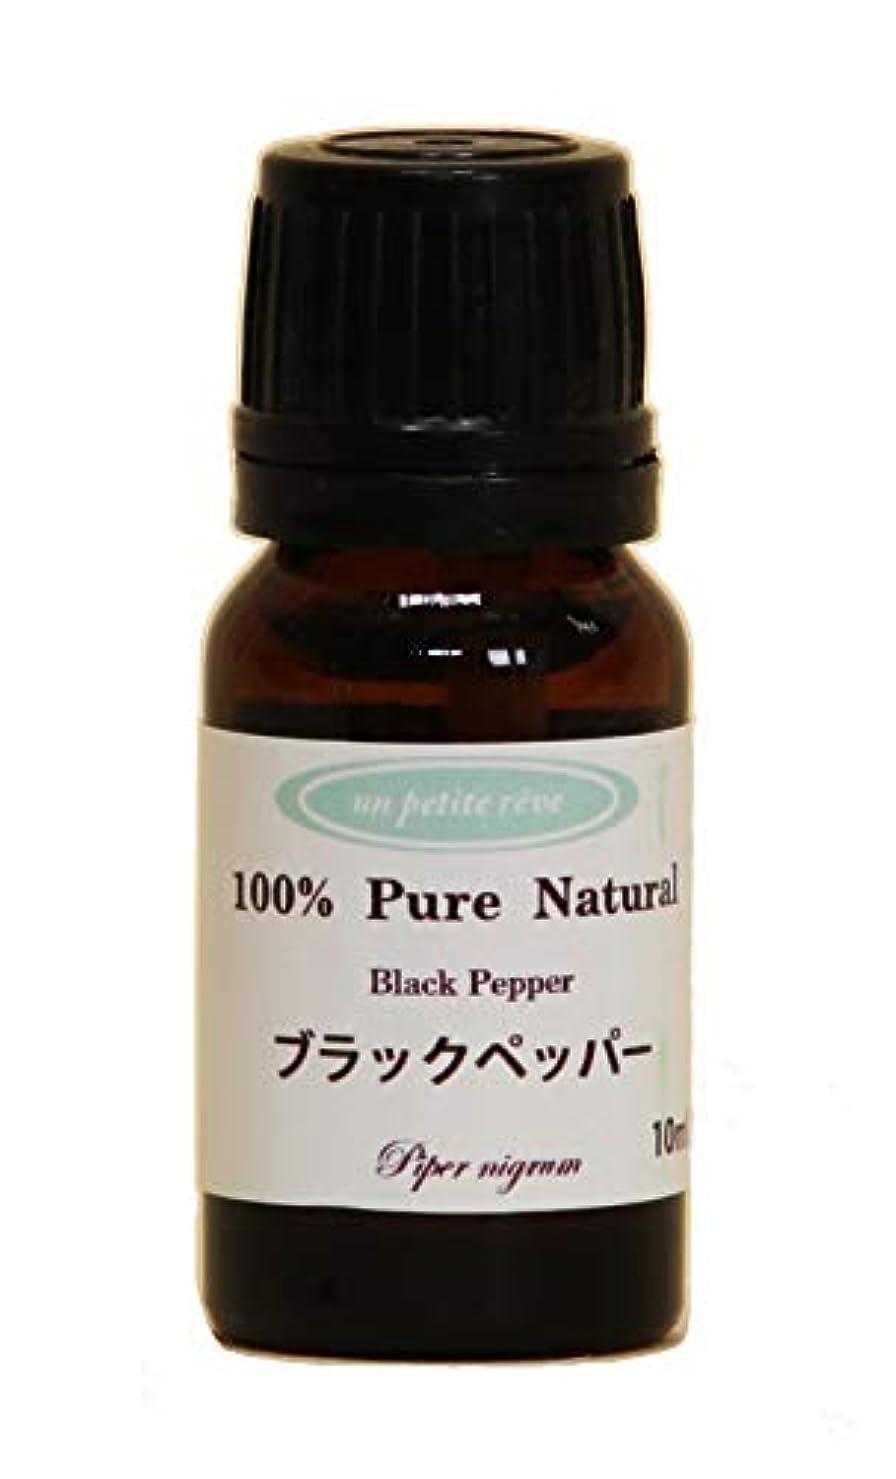 シャンプー慎重アジャブラックペッパー  10ml 100%天然アロマエッセンシャルオイル(精油)